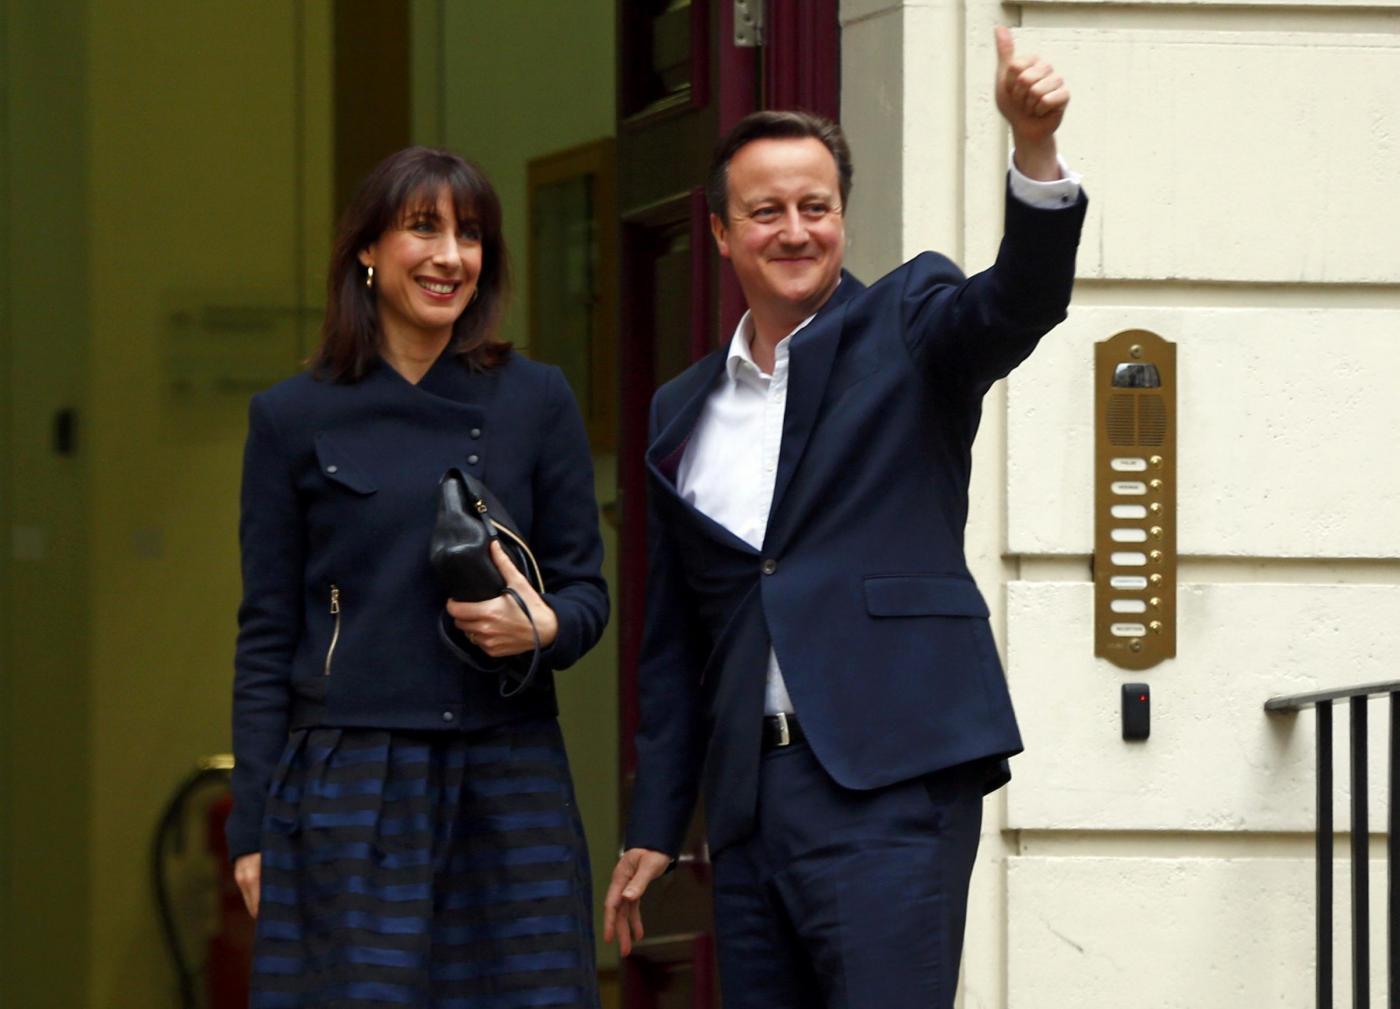 Vittoria di Cameron in Gran Bretagna: avanza il fronte degli euroscettici